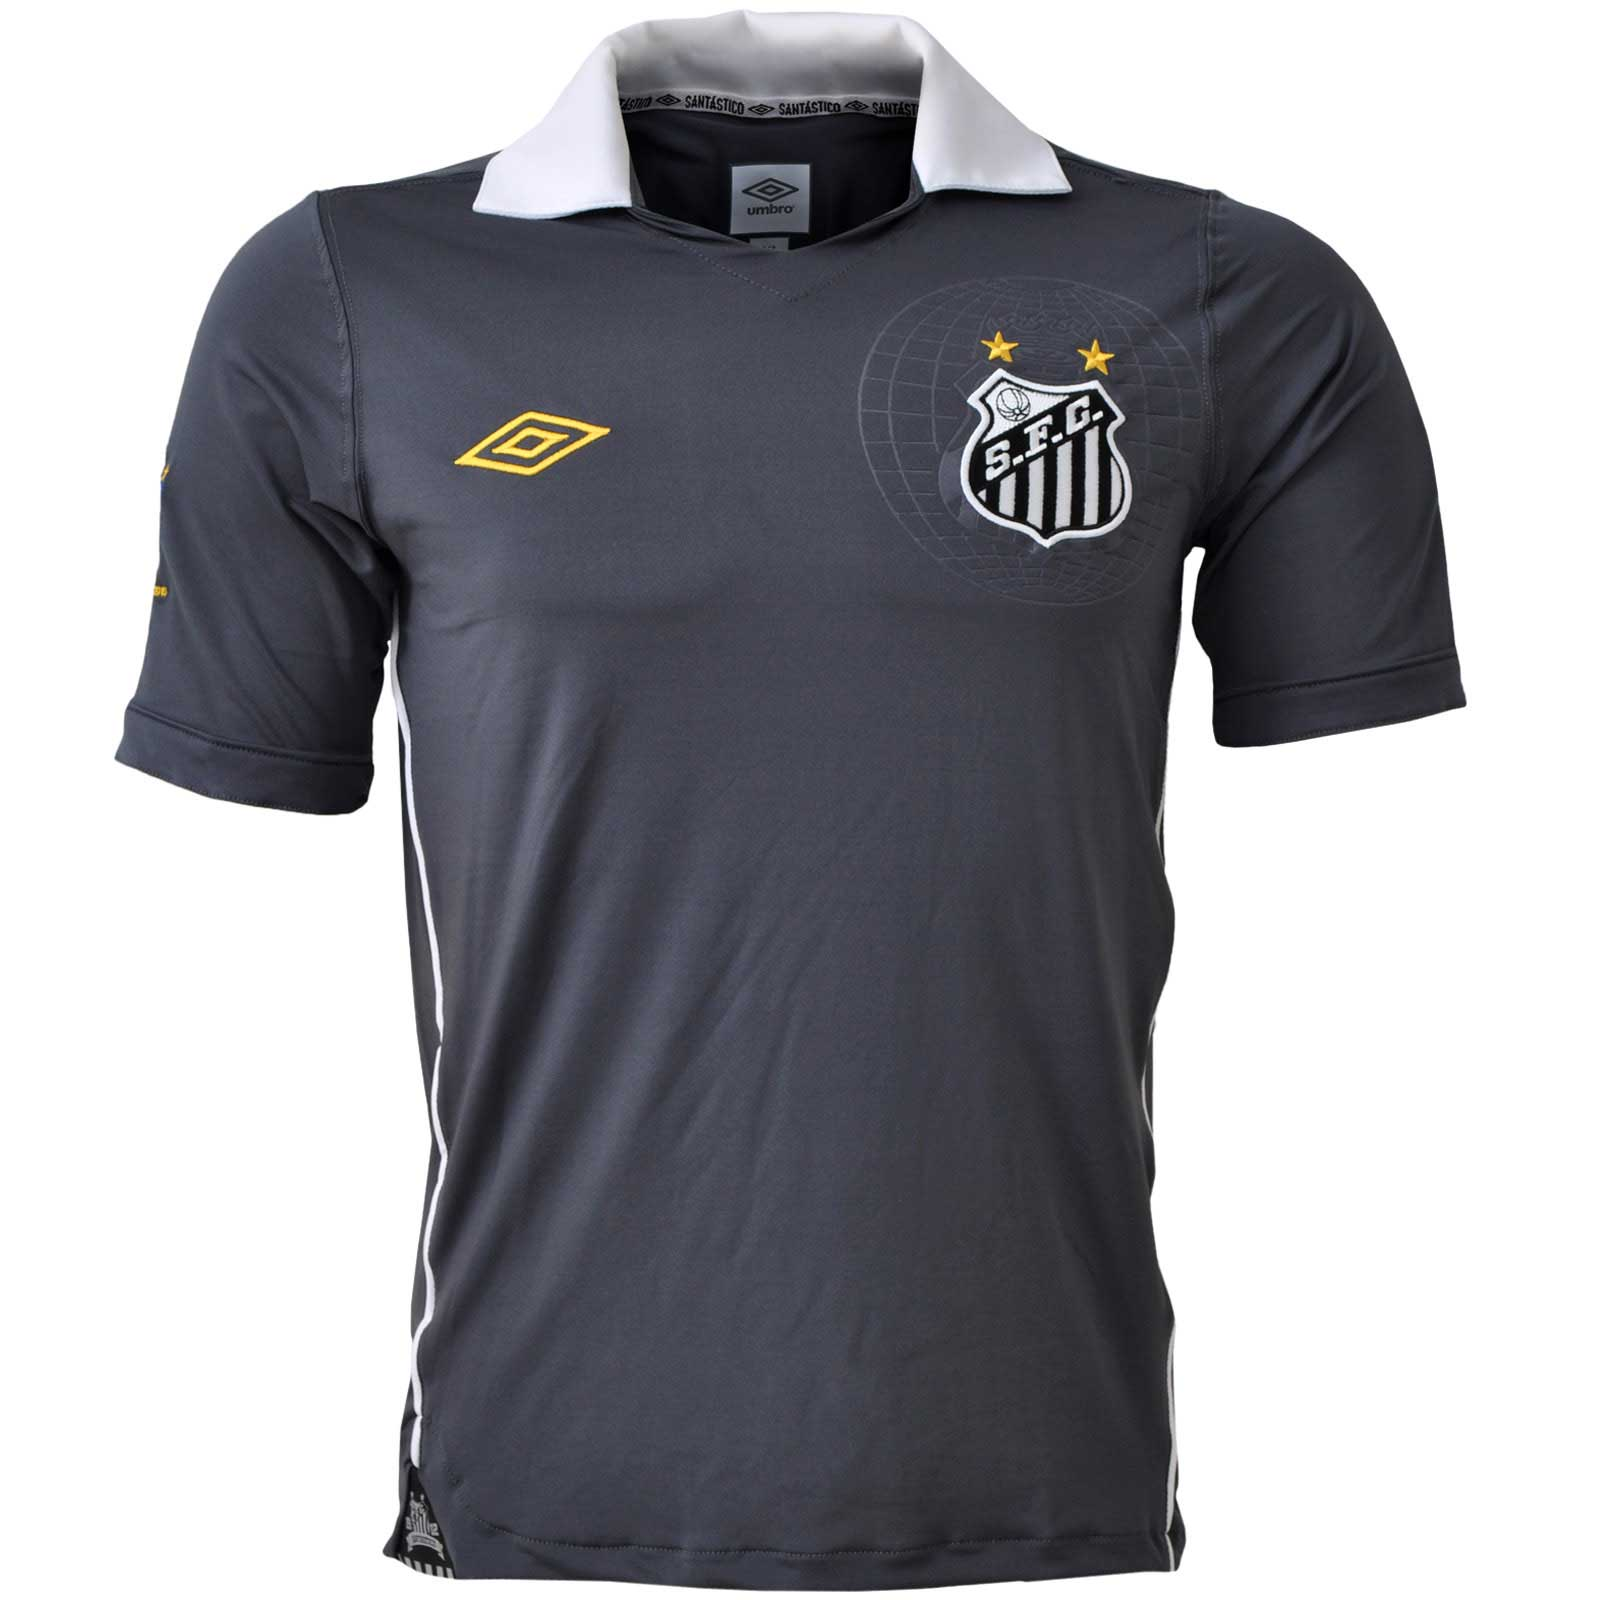 Veja os uniformes alternativos do Santos das últimas temporadas 319161c401ffa